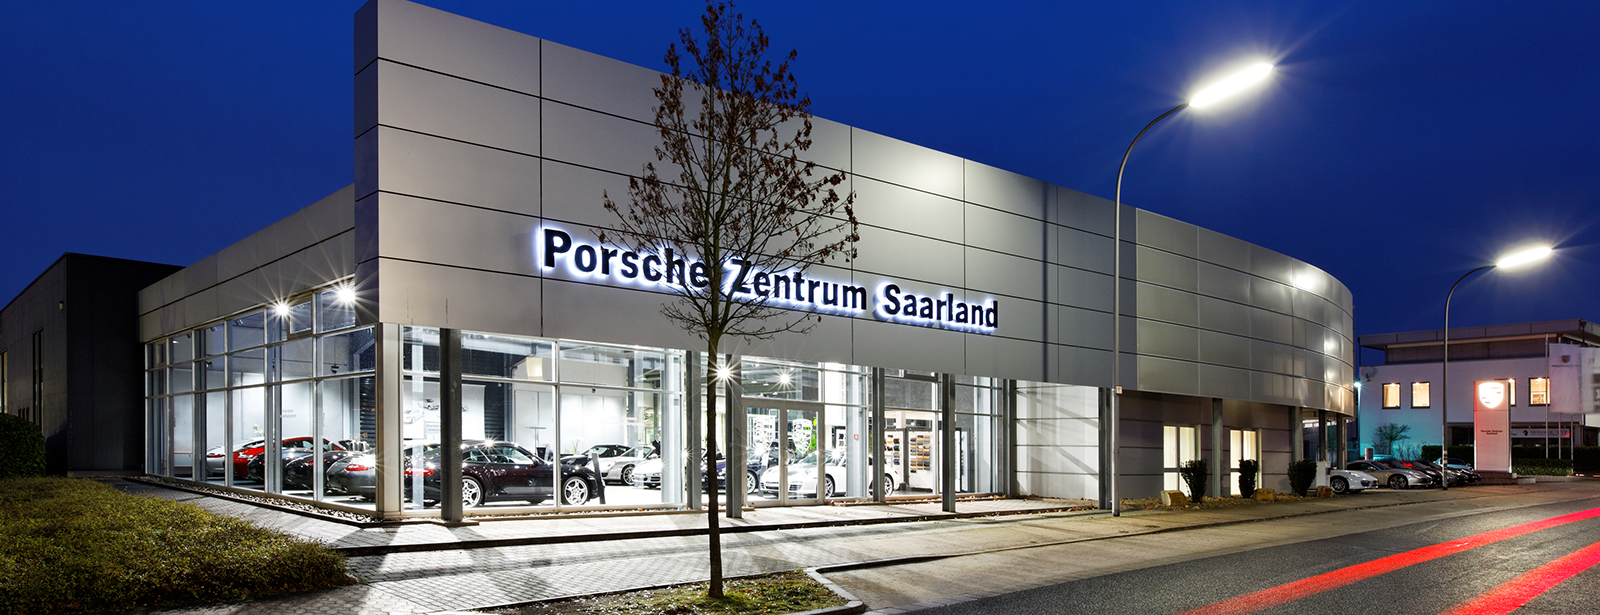 Porsche Centre Saarland